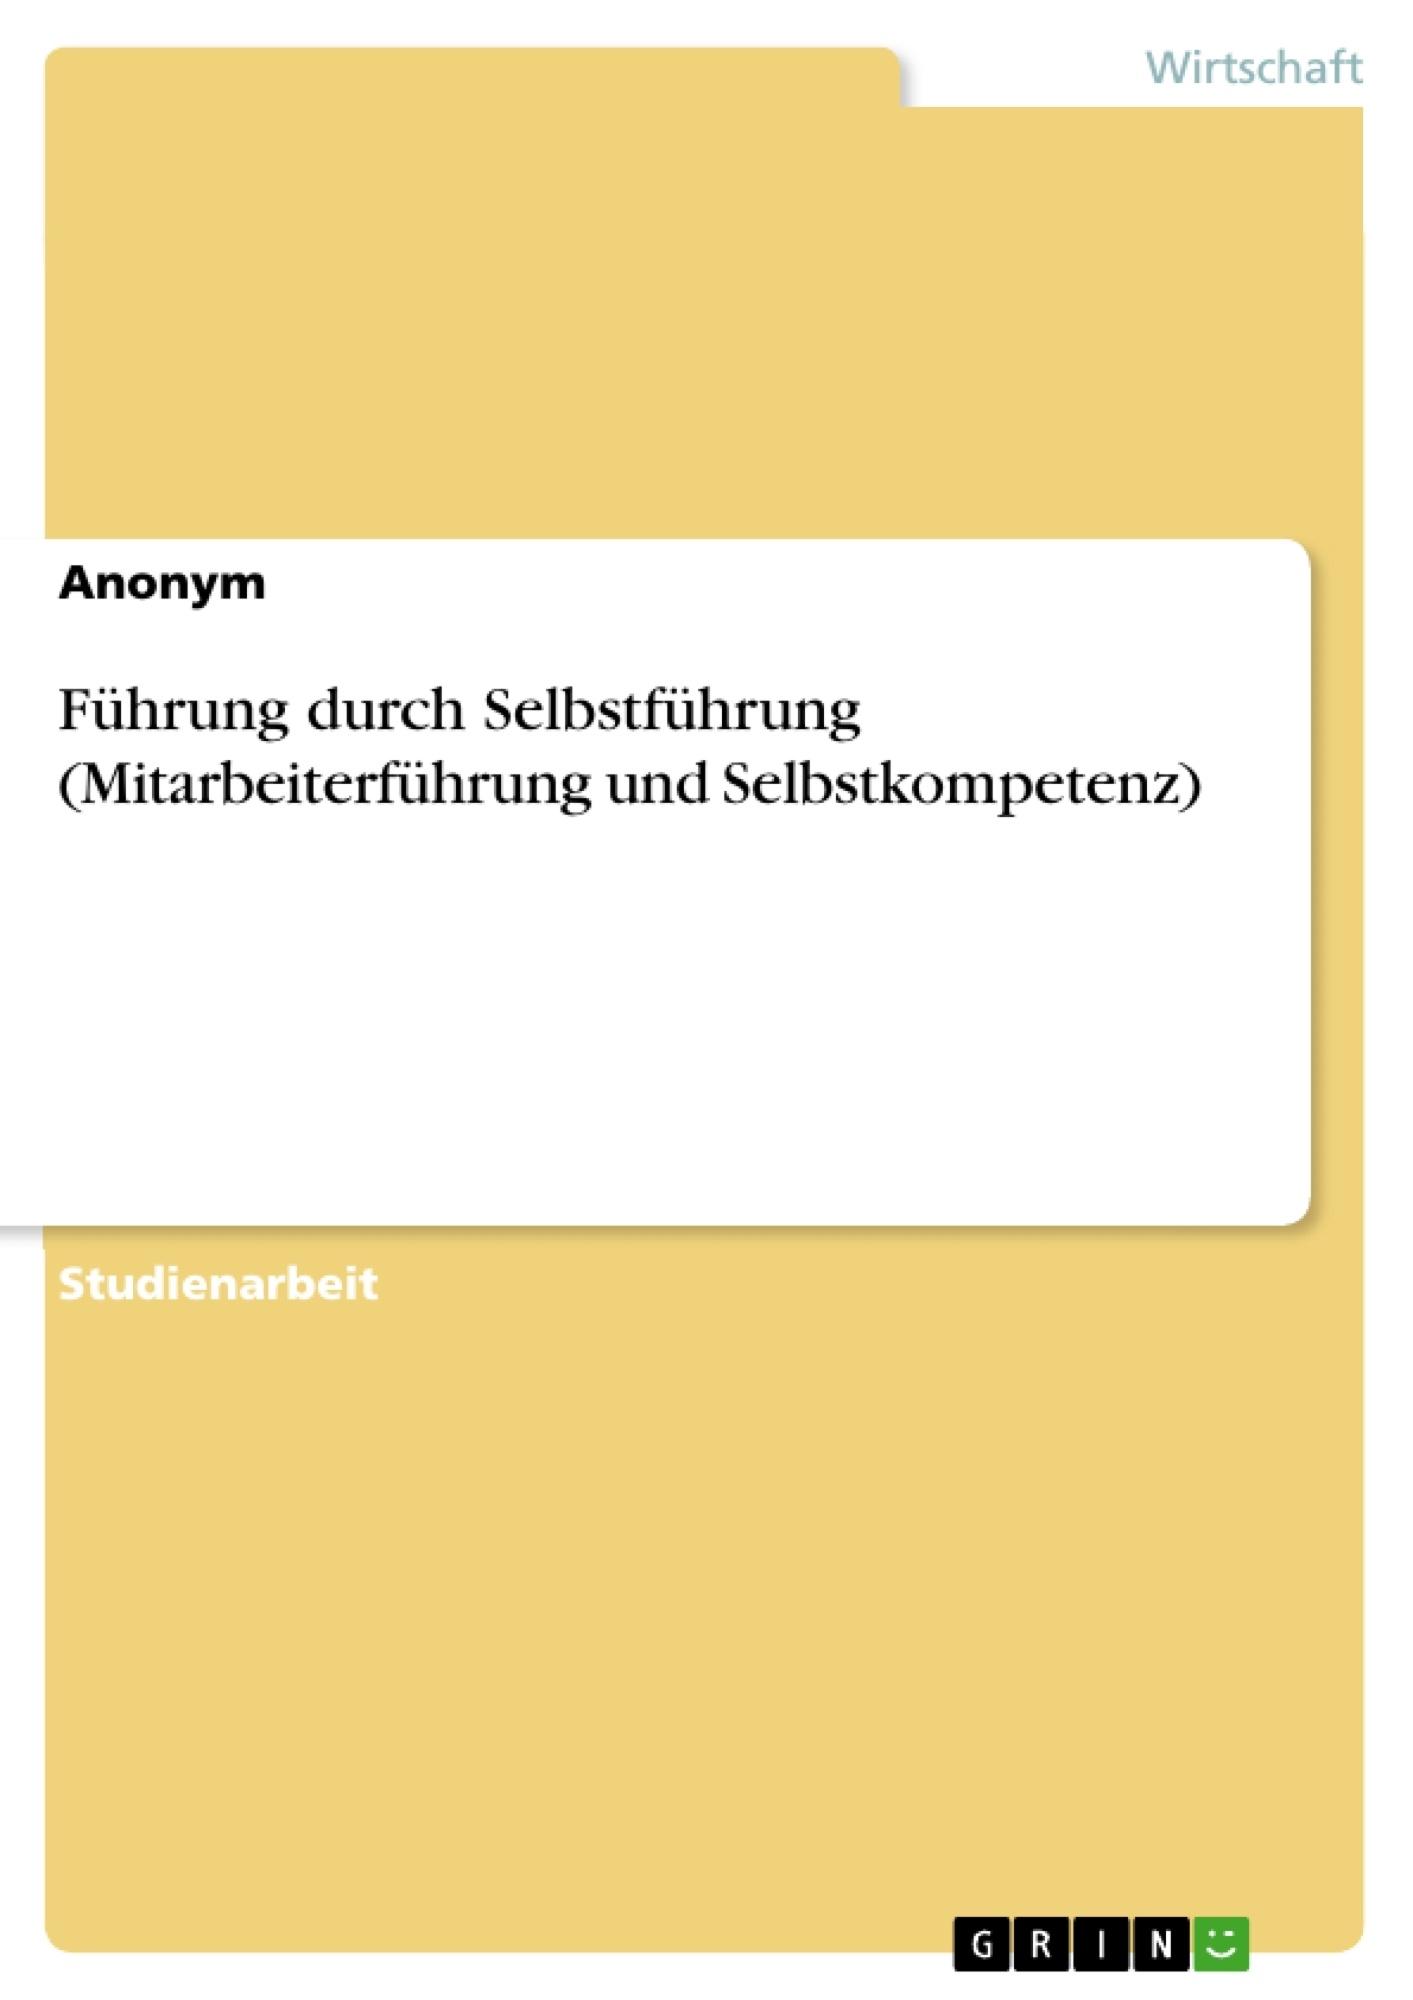 Titel: Führung durch Selbstführung (Mitarbeiterführung und Selbstkompetenz)